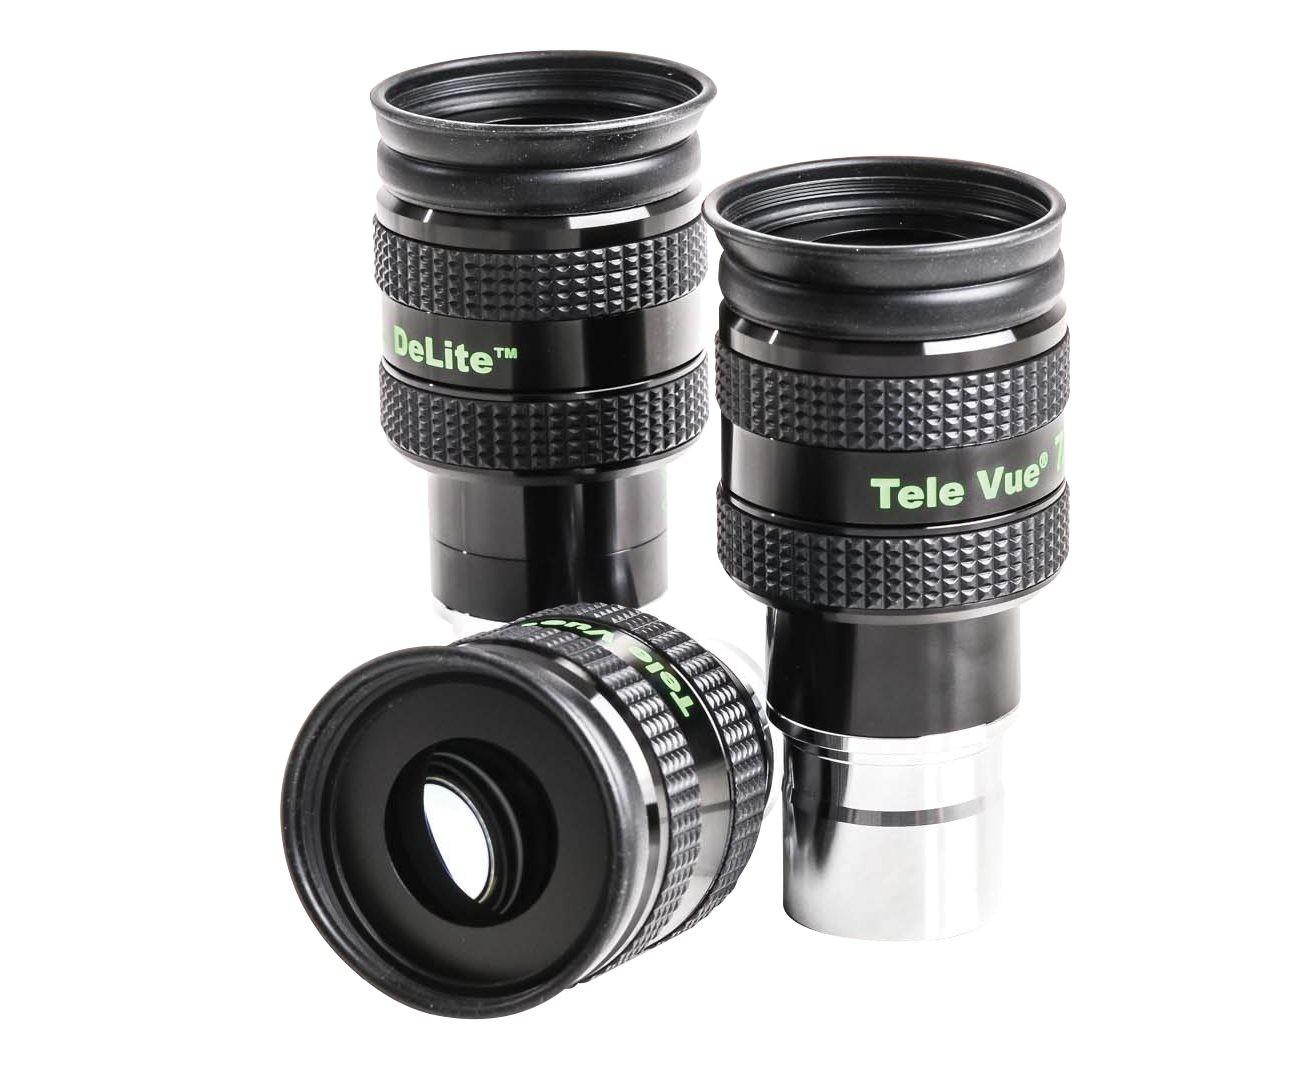 eyepiece sets